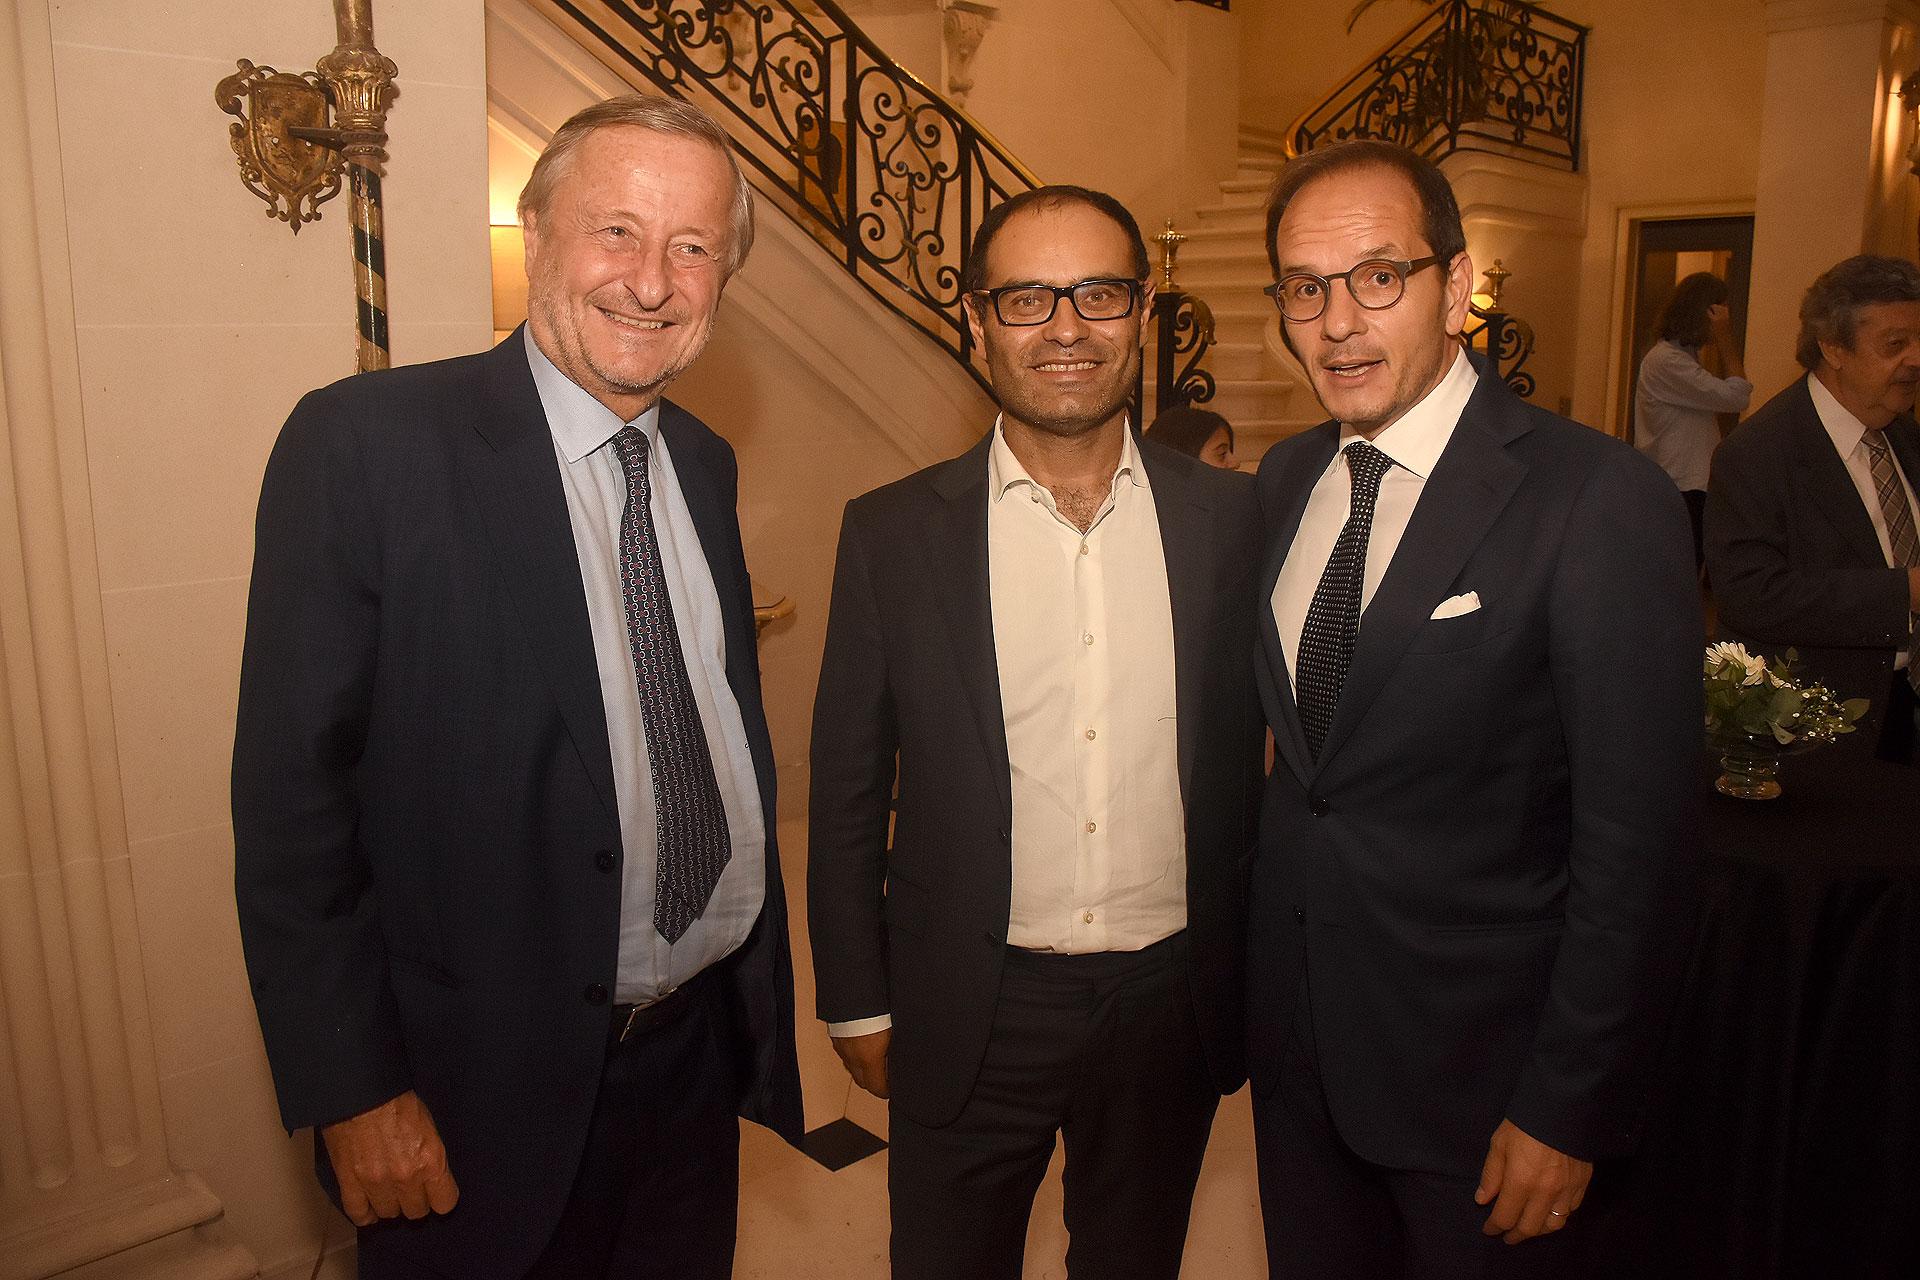 Cristiano Rattazzi, Claudio Manzo y Giuseppe Manzo